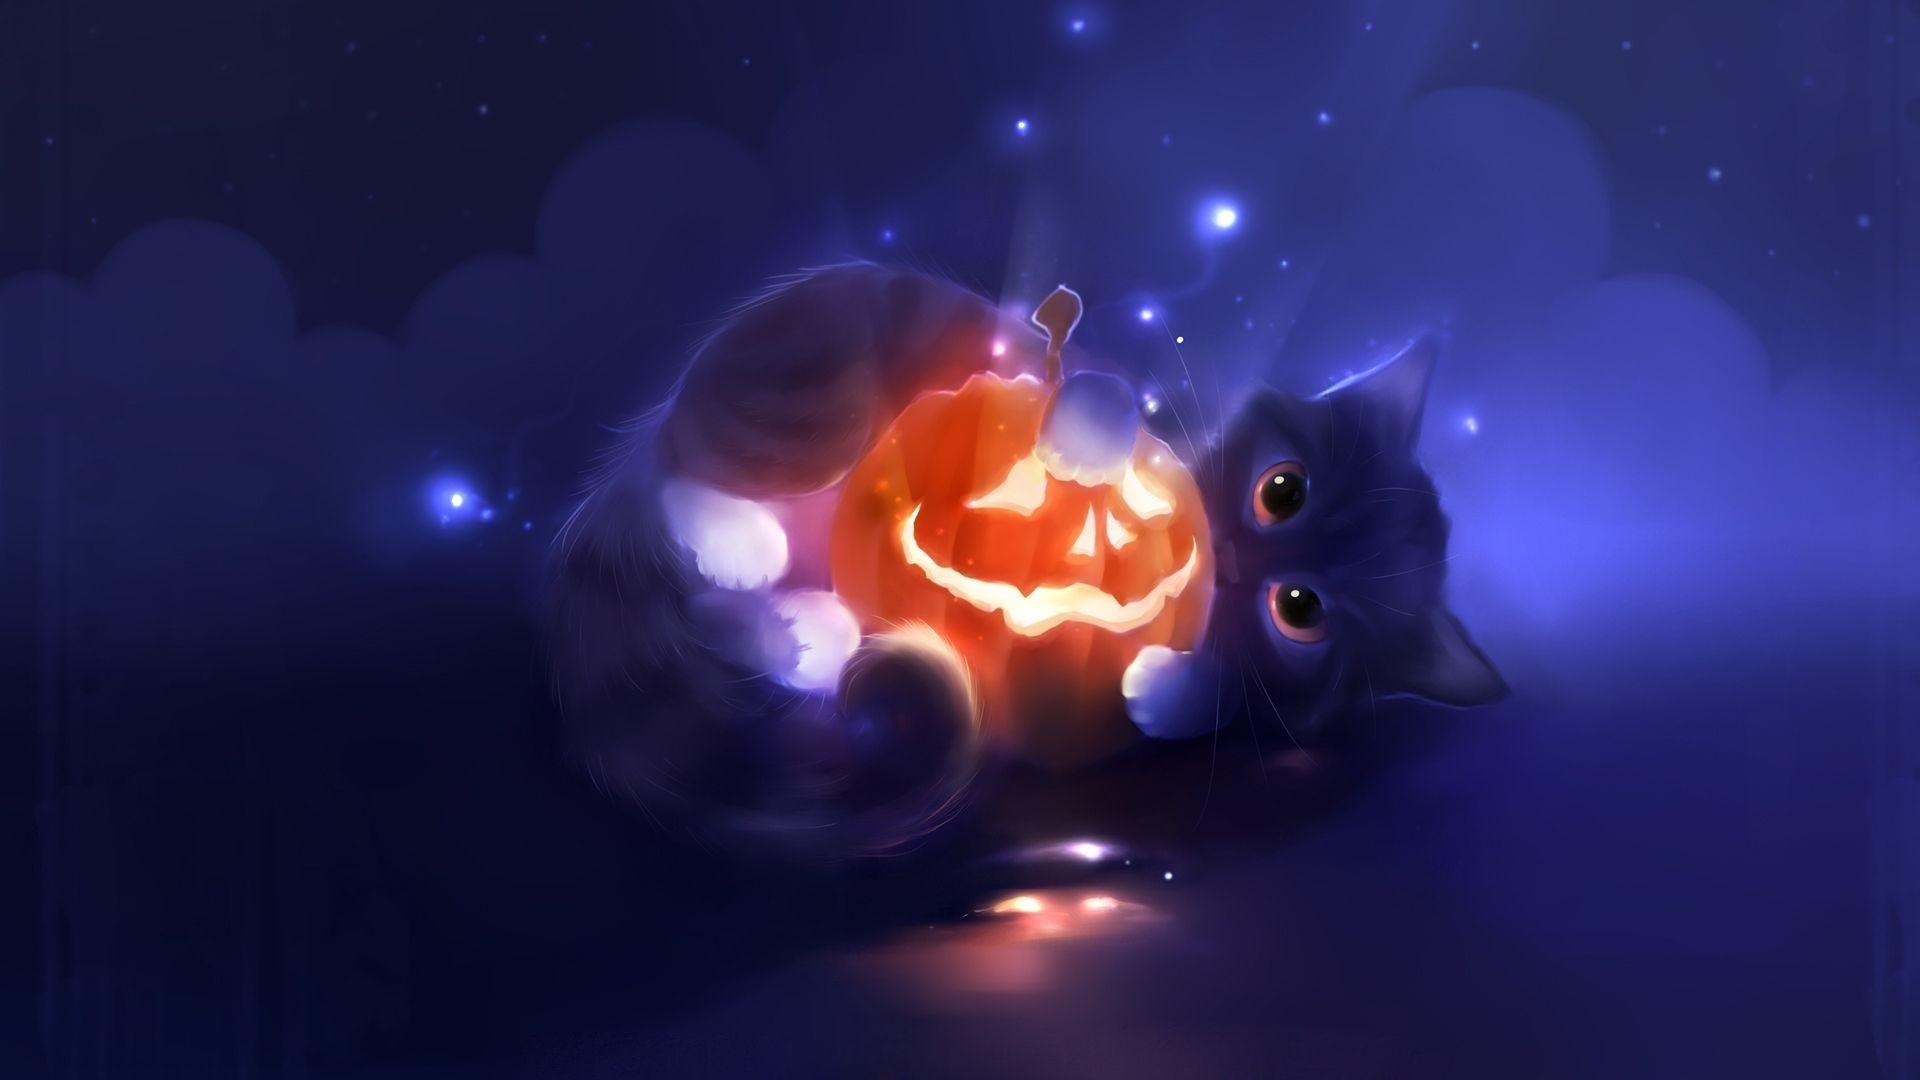 halloween cat wallpapers - wallpaper cave | best games wallpapers